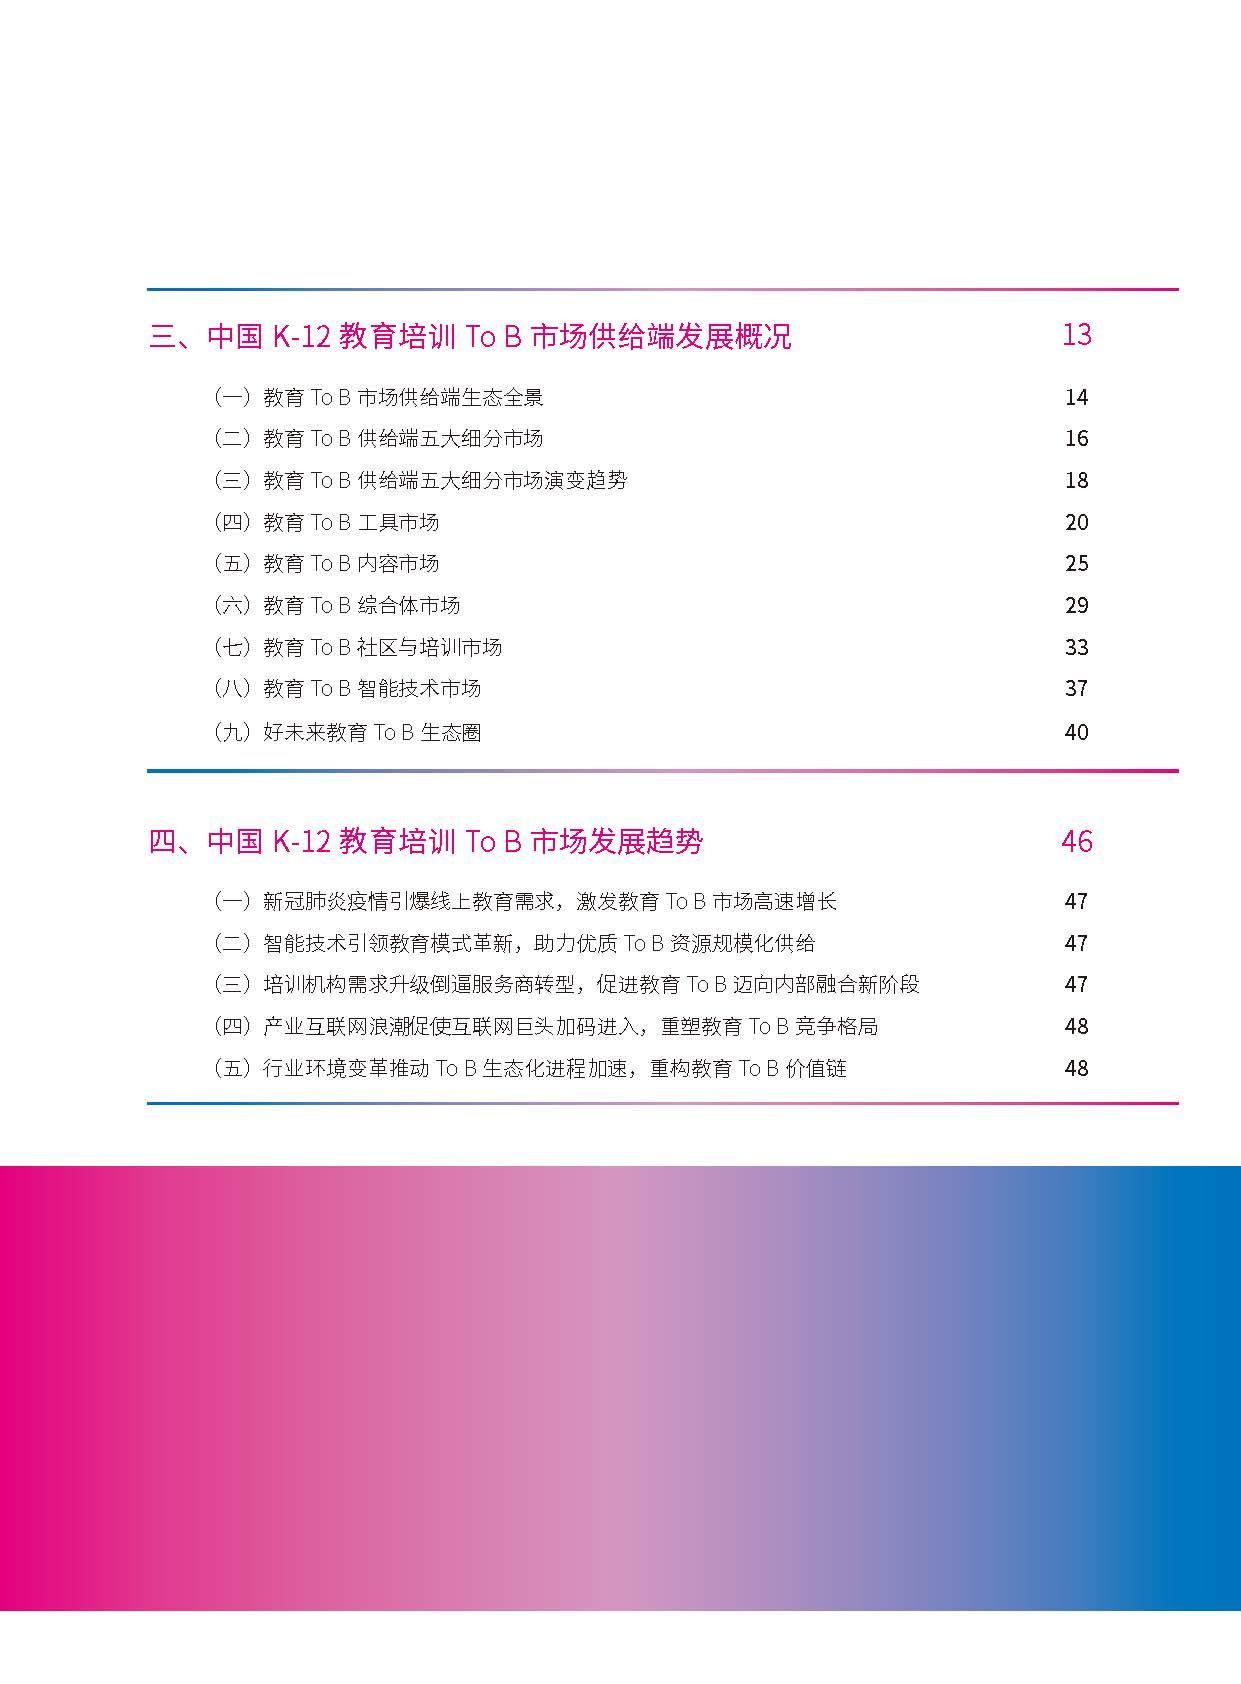 中国教育科学研究院:2020中国K~12教育培训To B市场发展报告(56页)_页面_03.jpg